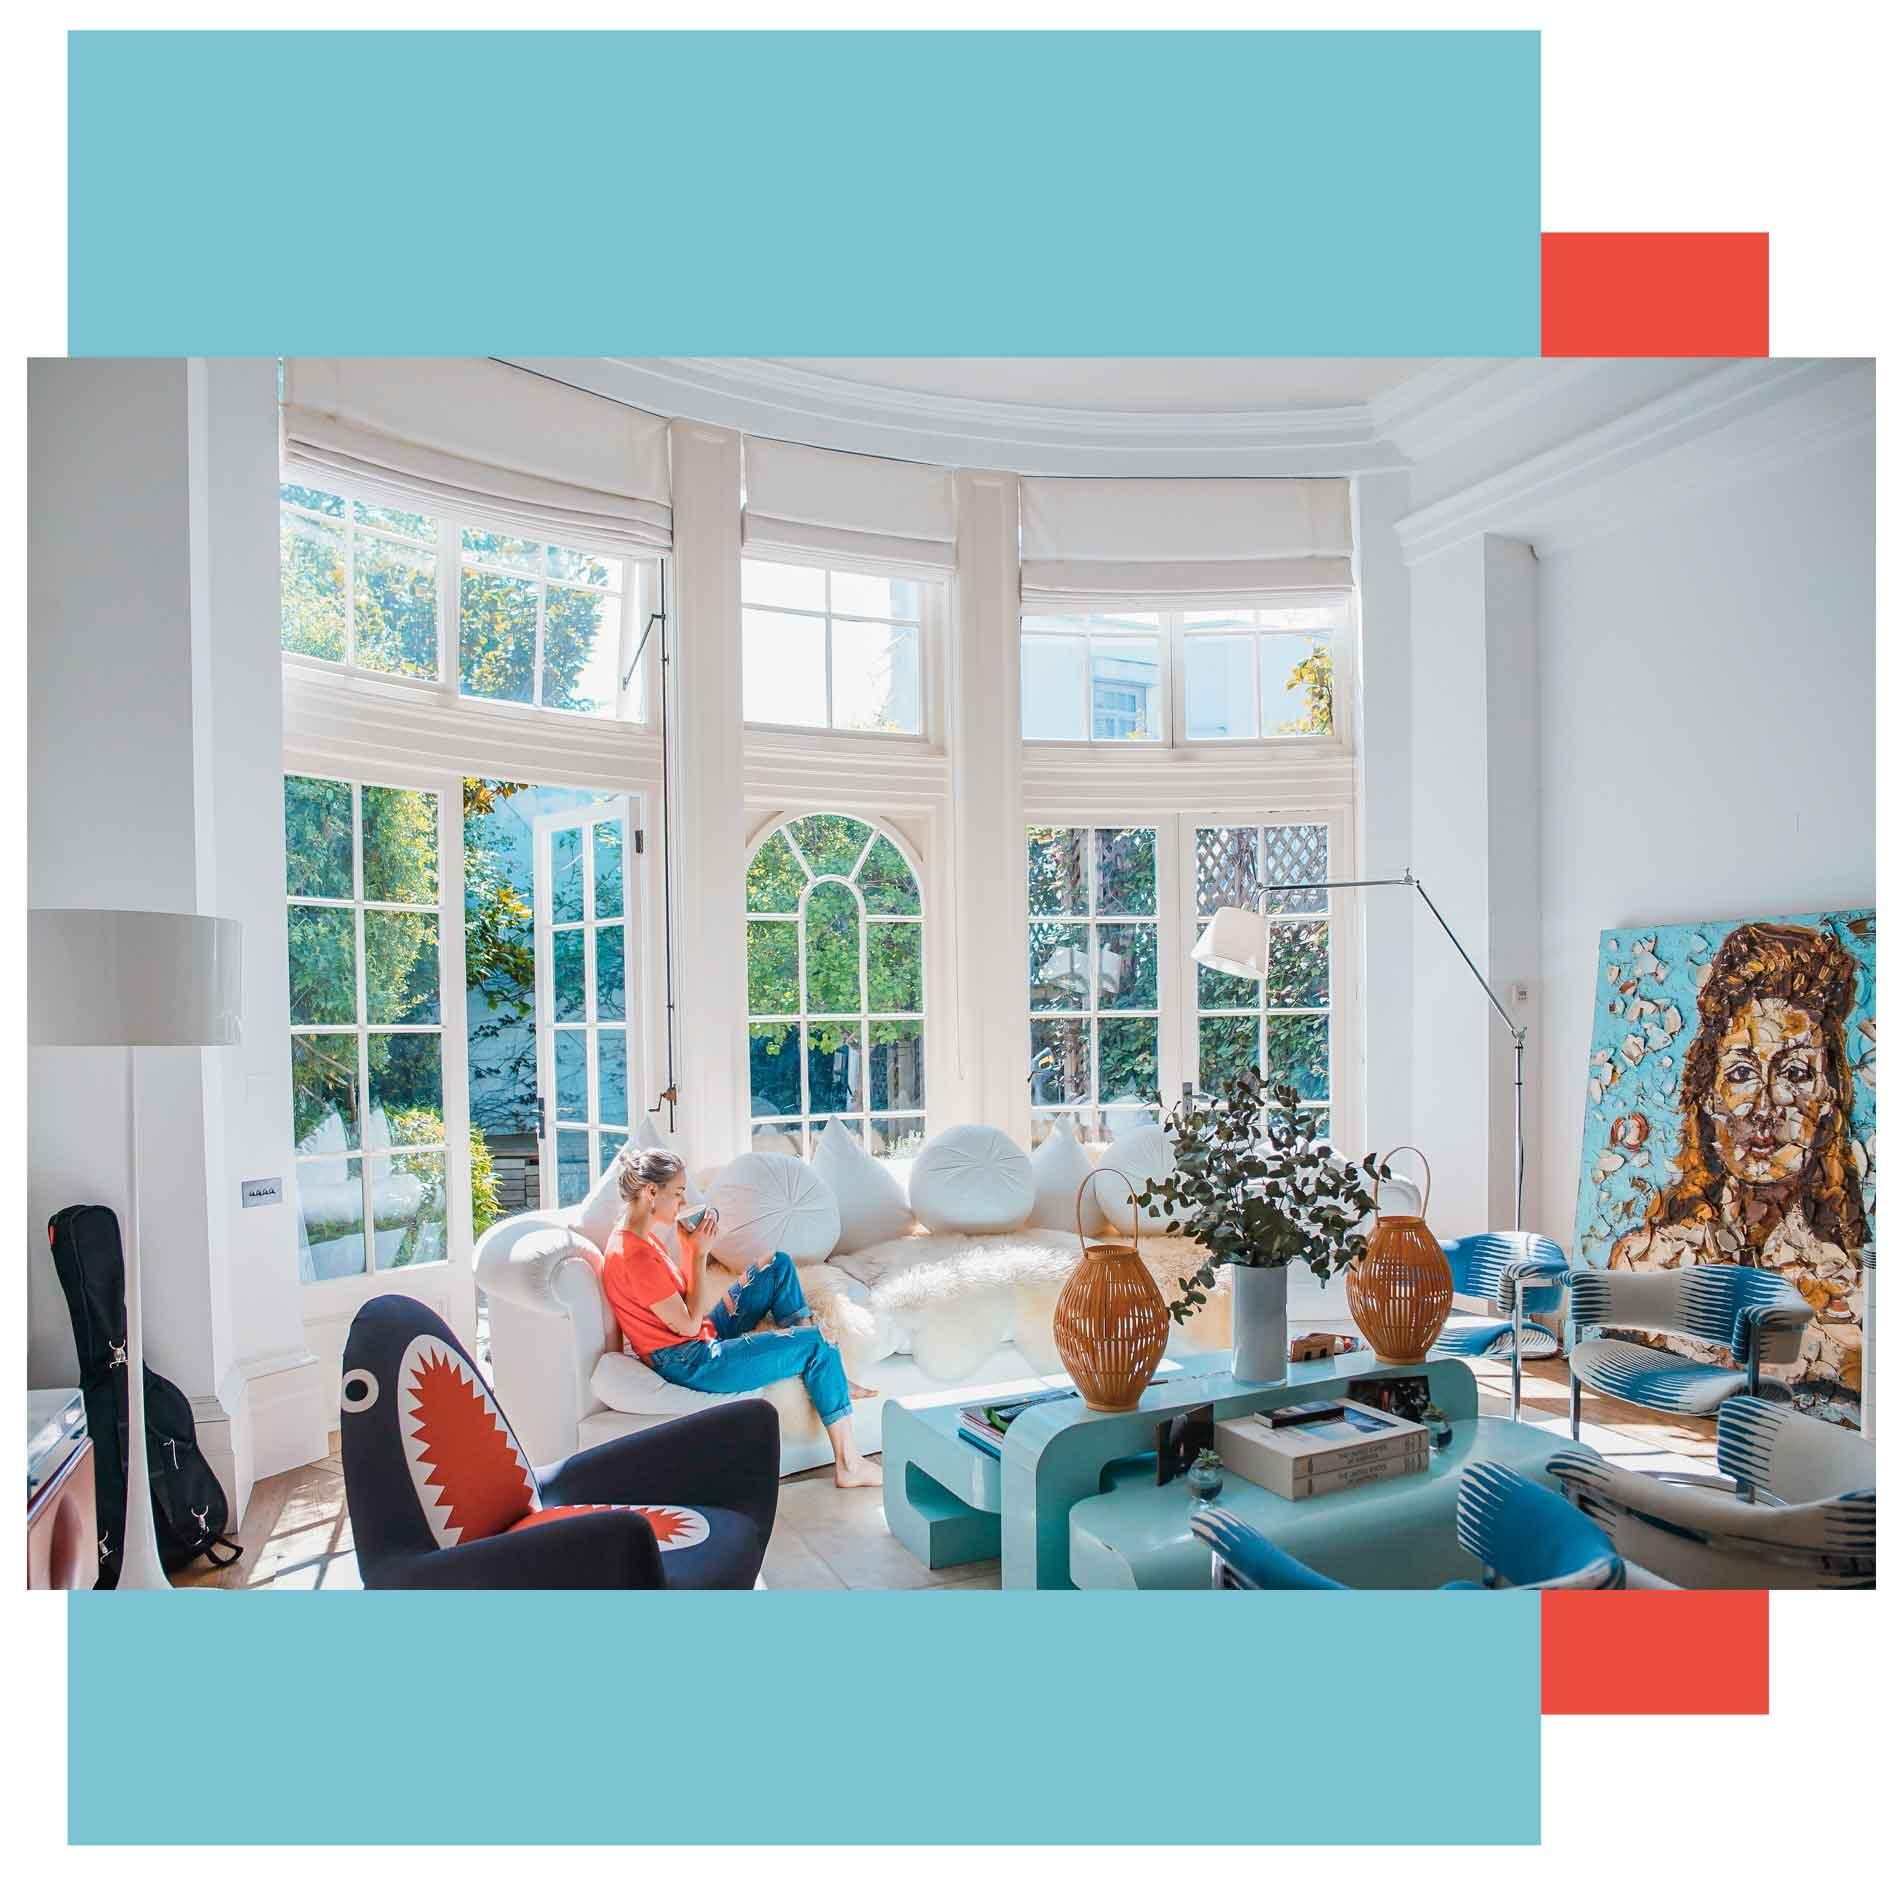 Wohnungssuche leicht gemacht, 5 Tipps für die Wohnungssuche, Wohnung suchen, Wohnung finden, Wohnung mieten, Immobilien, Wohnugen, Leben, Wohnen